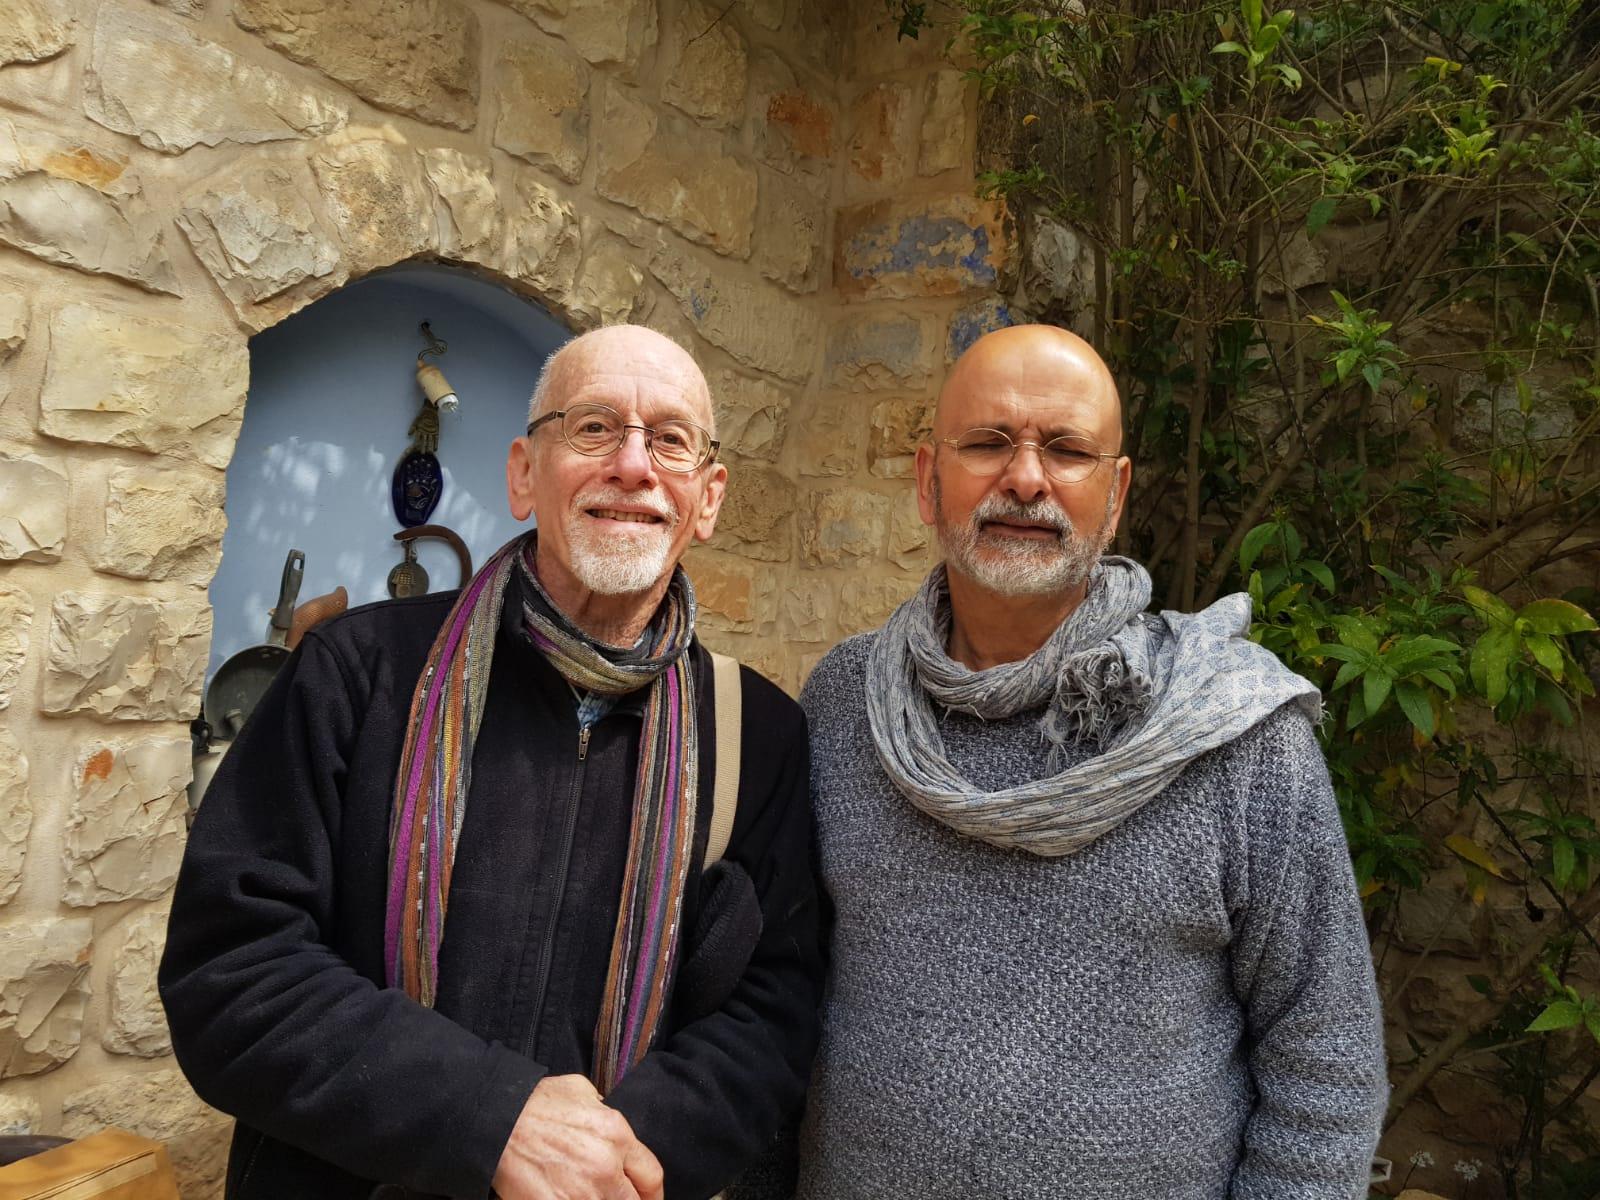 """מקאמאת – אקדמיה למוזיקה מהמזרח של החאן החמור הלבן בצפת תופיע בחידון התנ""""ך העולמי"""